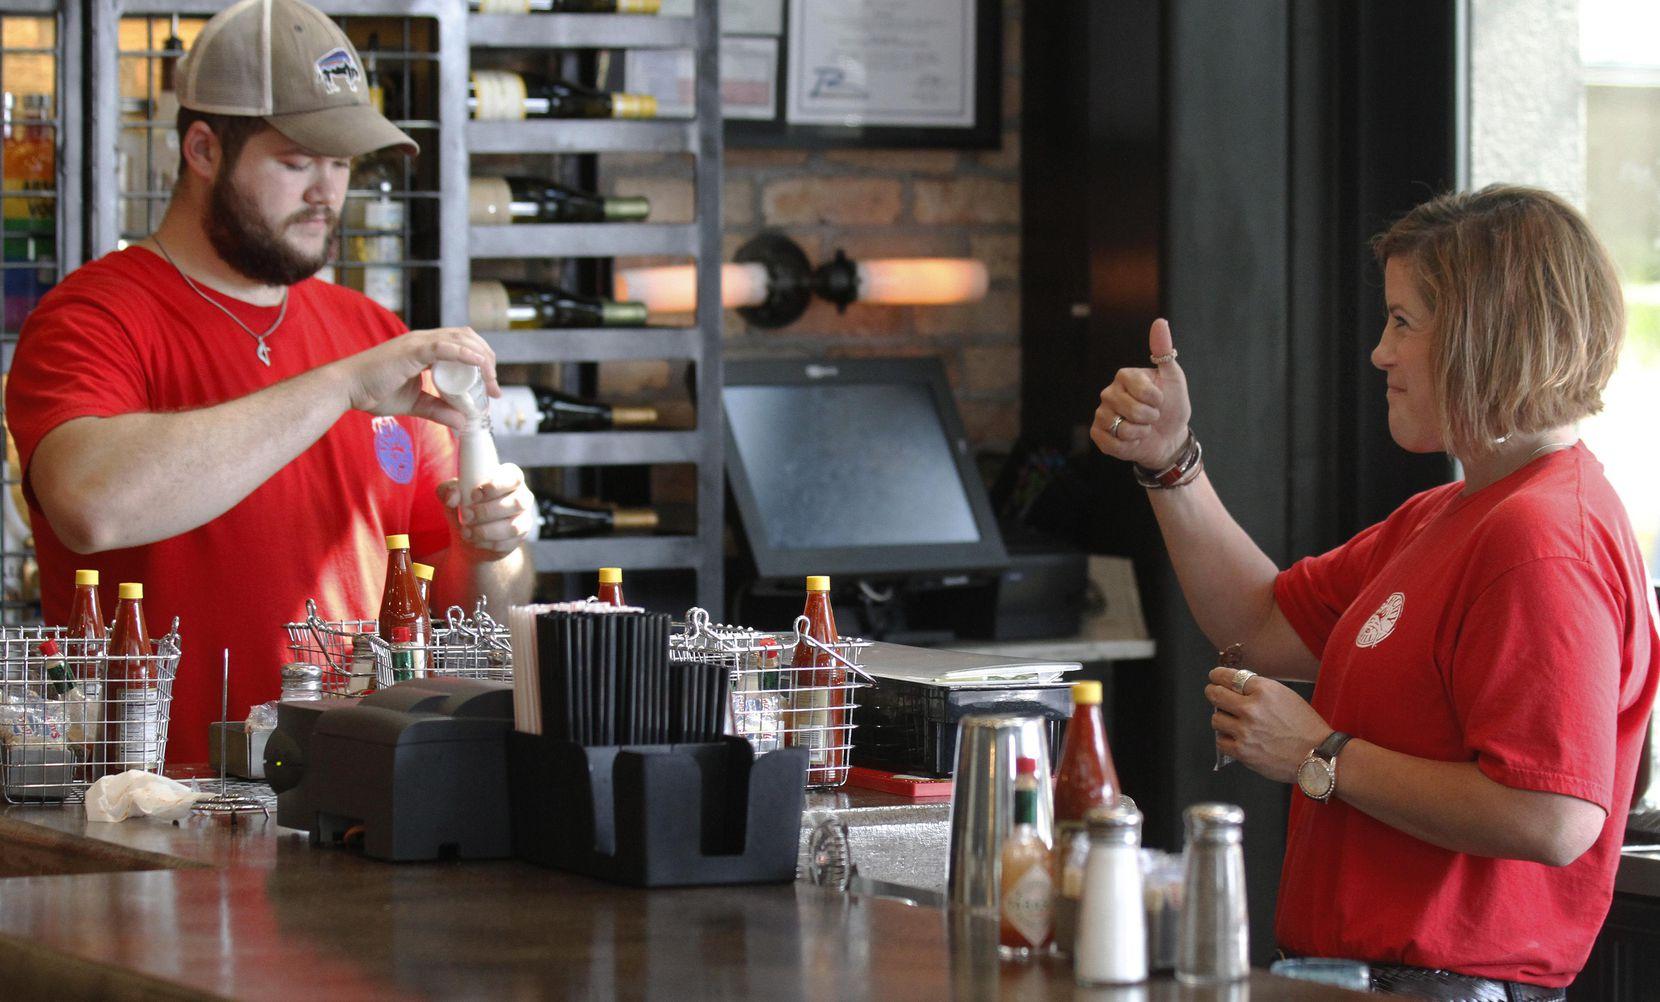 Corey Ahrens y Andrea Gillette se preparan para su turno en Fish City Grill, en Richardson.